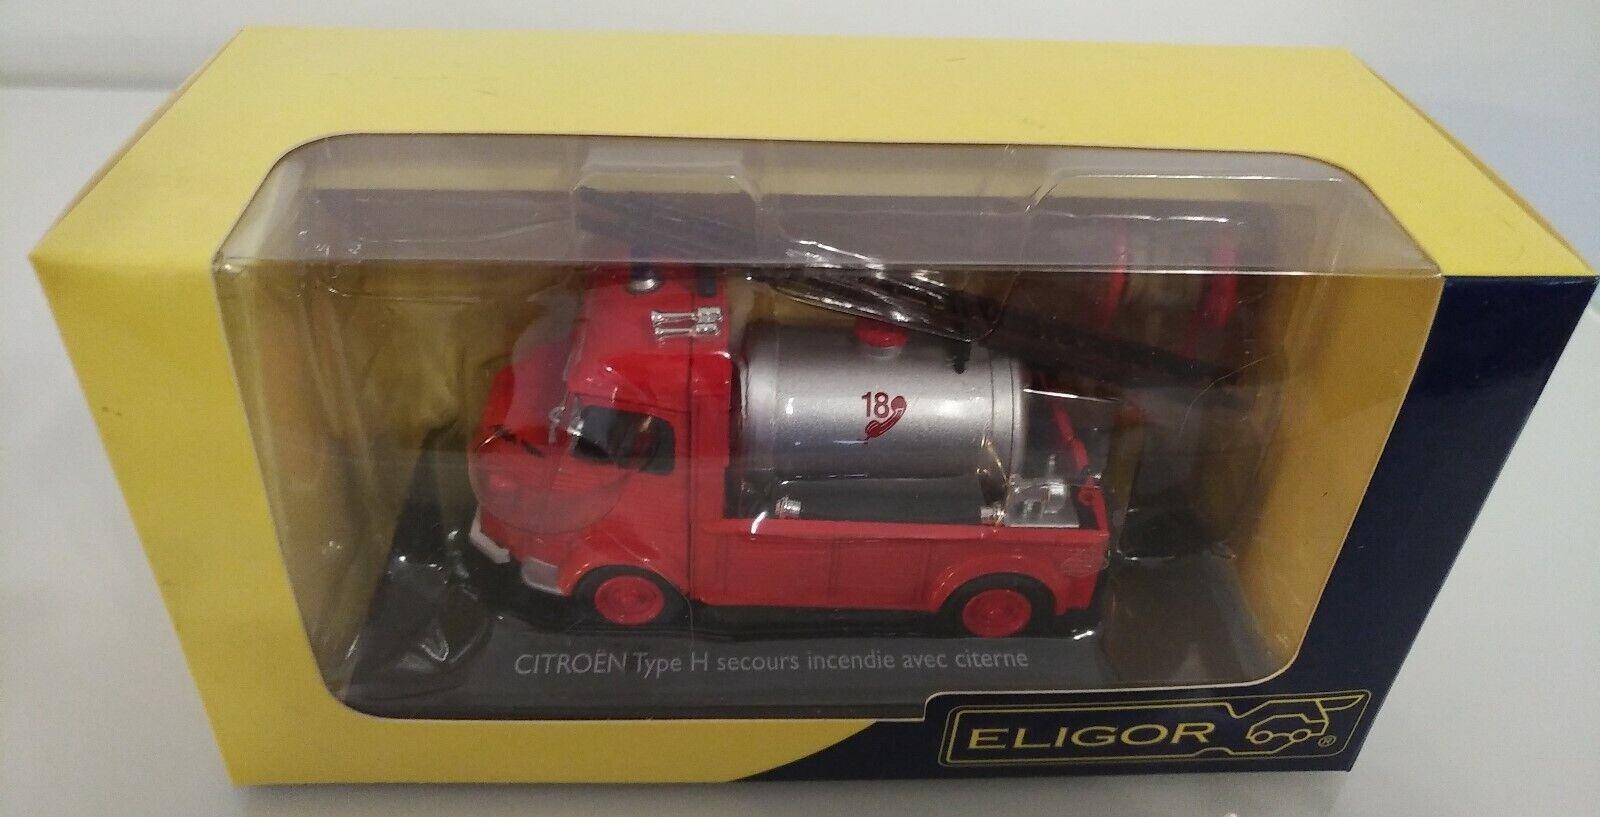 Citroen type h  hy fire firefighter fire rescue tank sappers eligor 1 43  vente de renommée mondiale en ligne